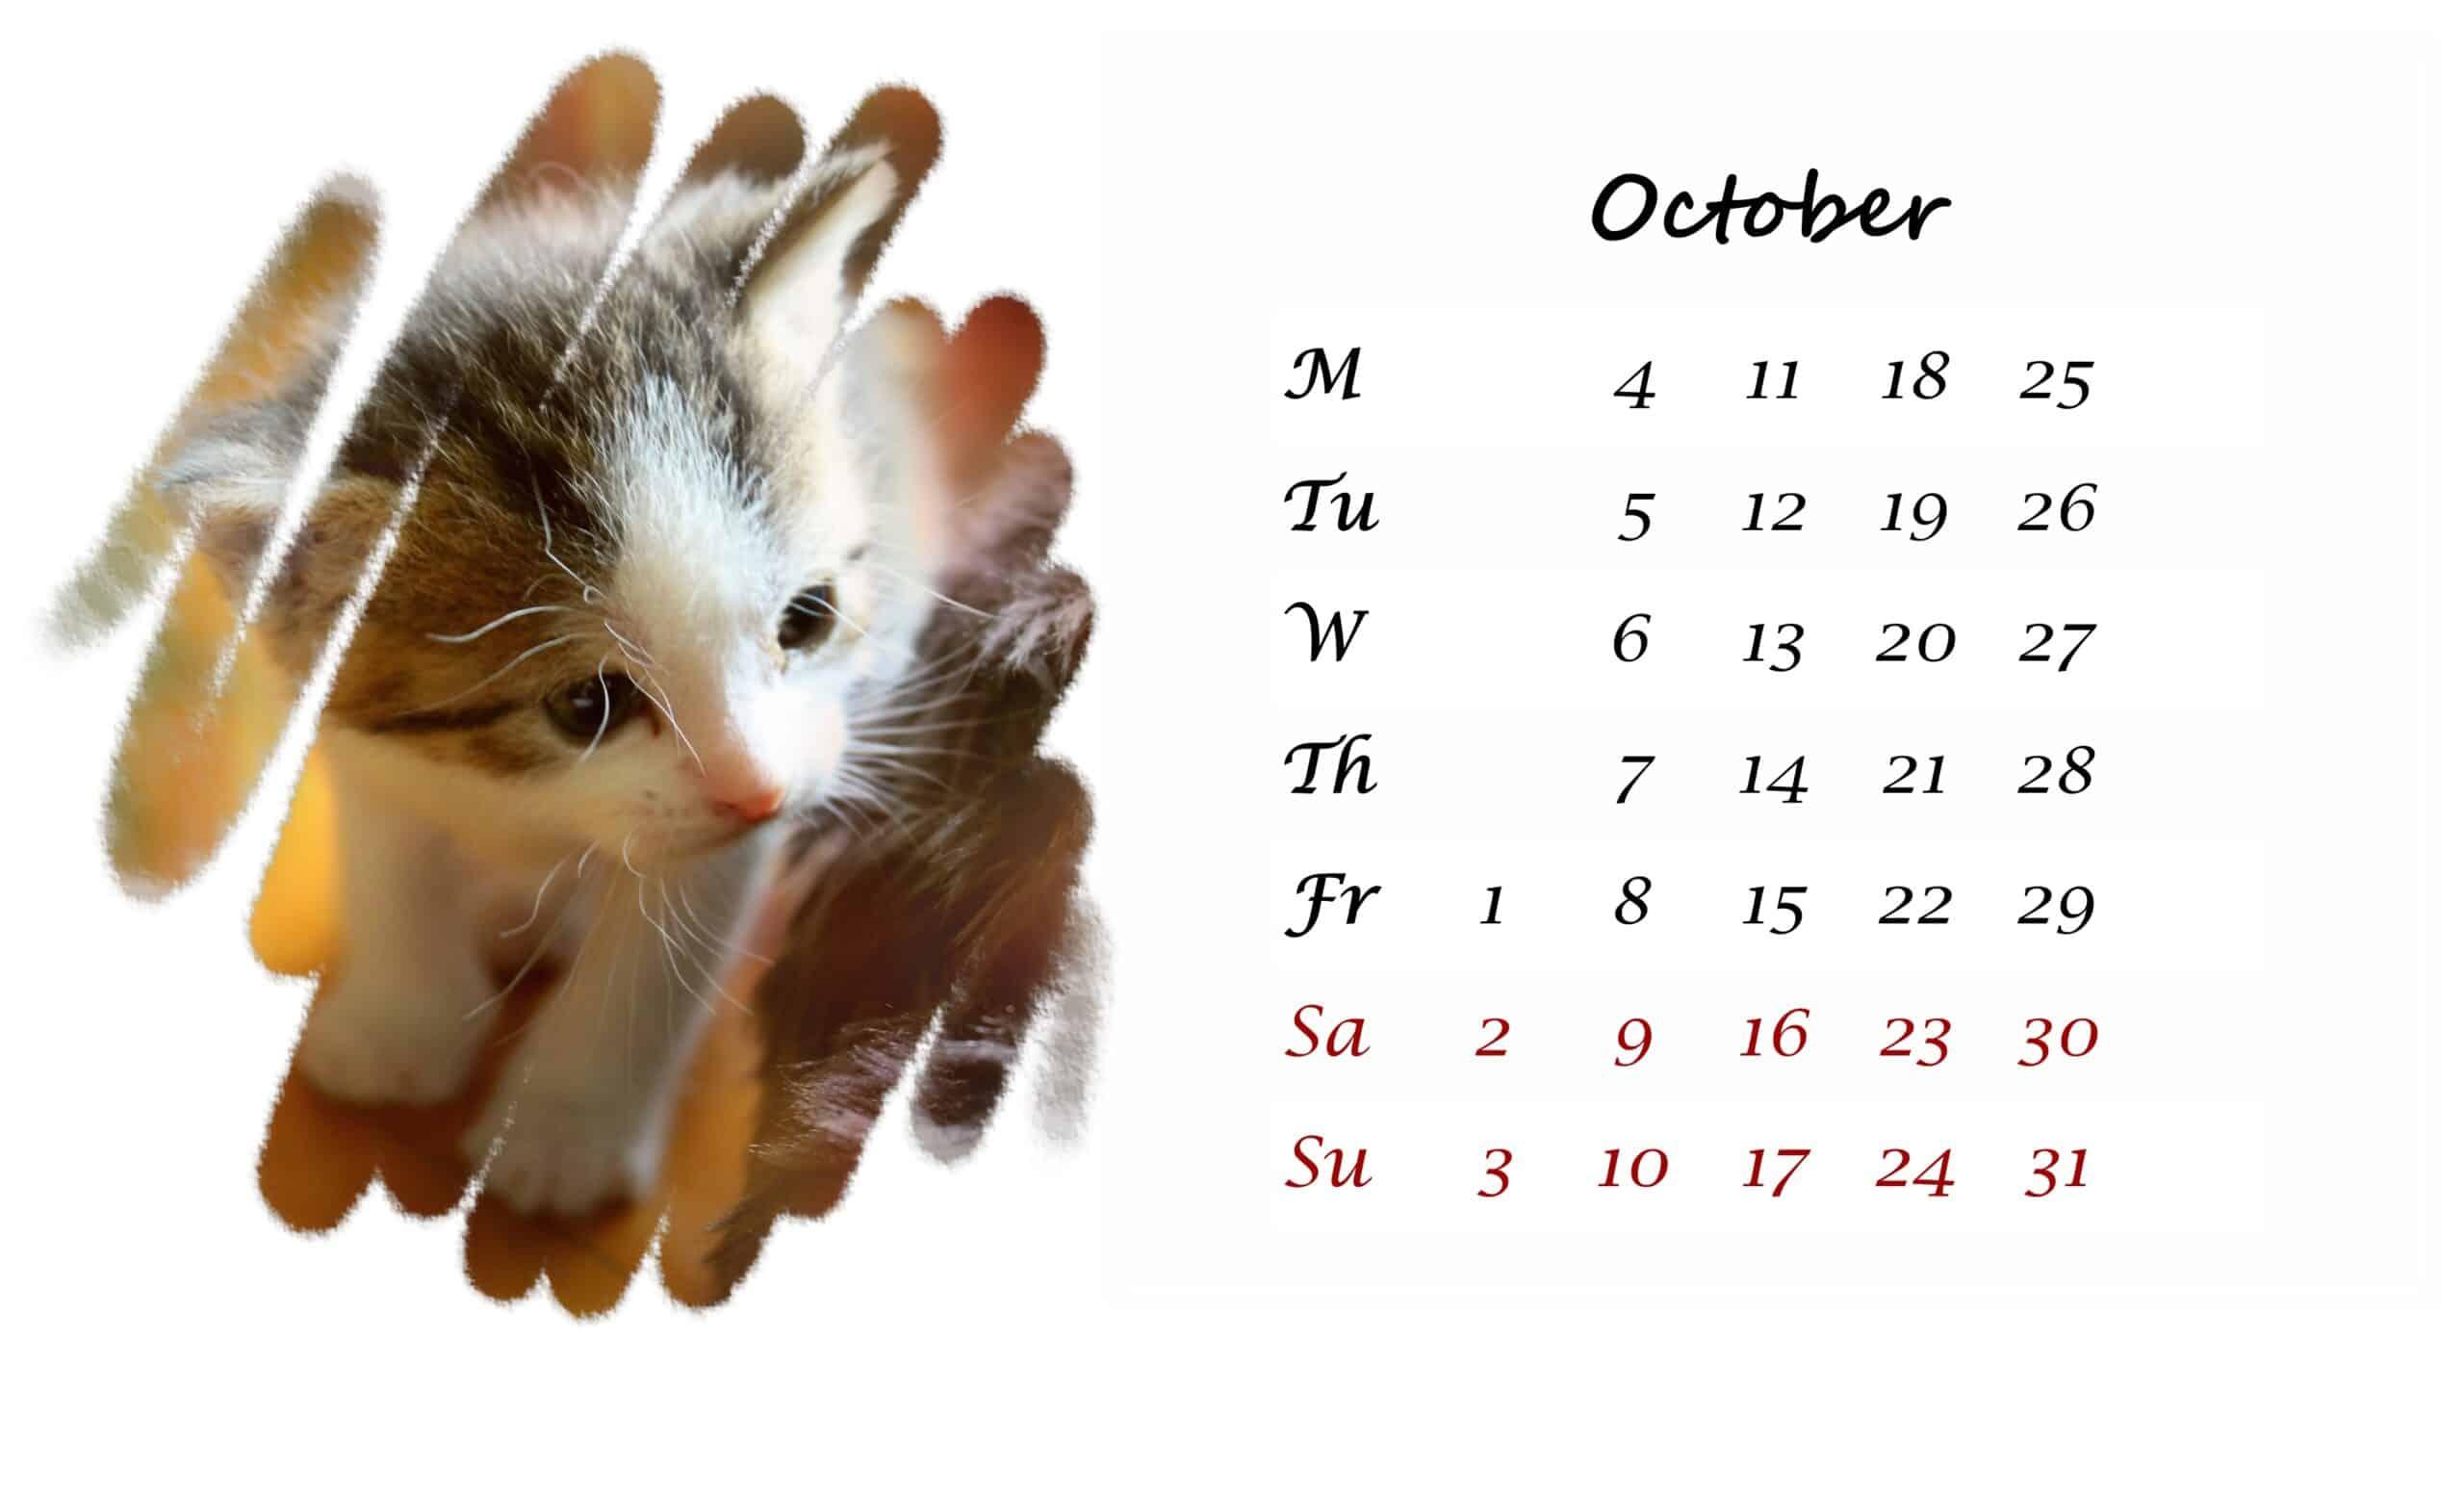 2021 October printable calendar